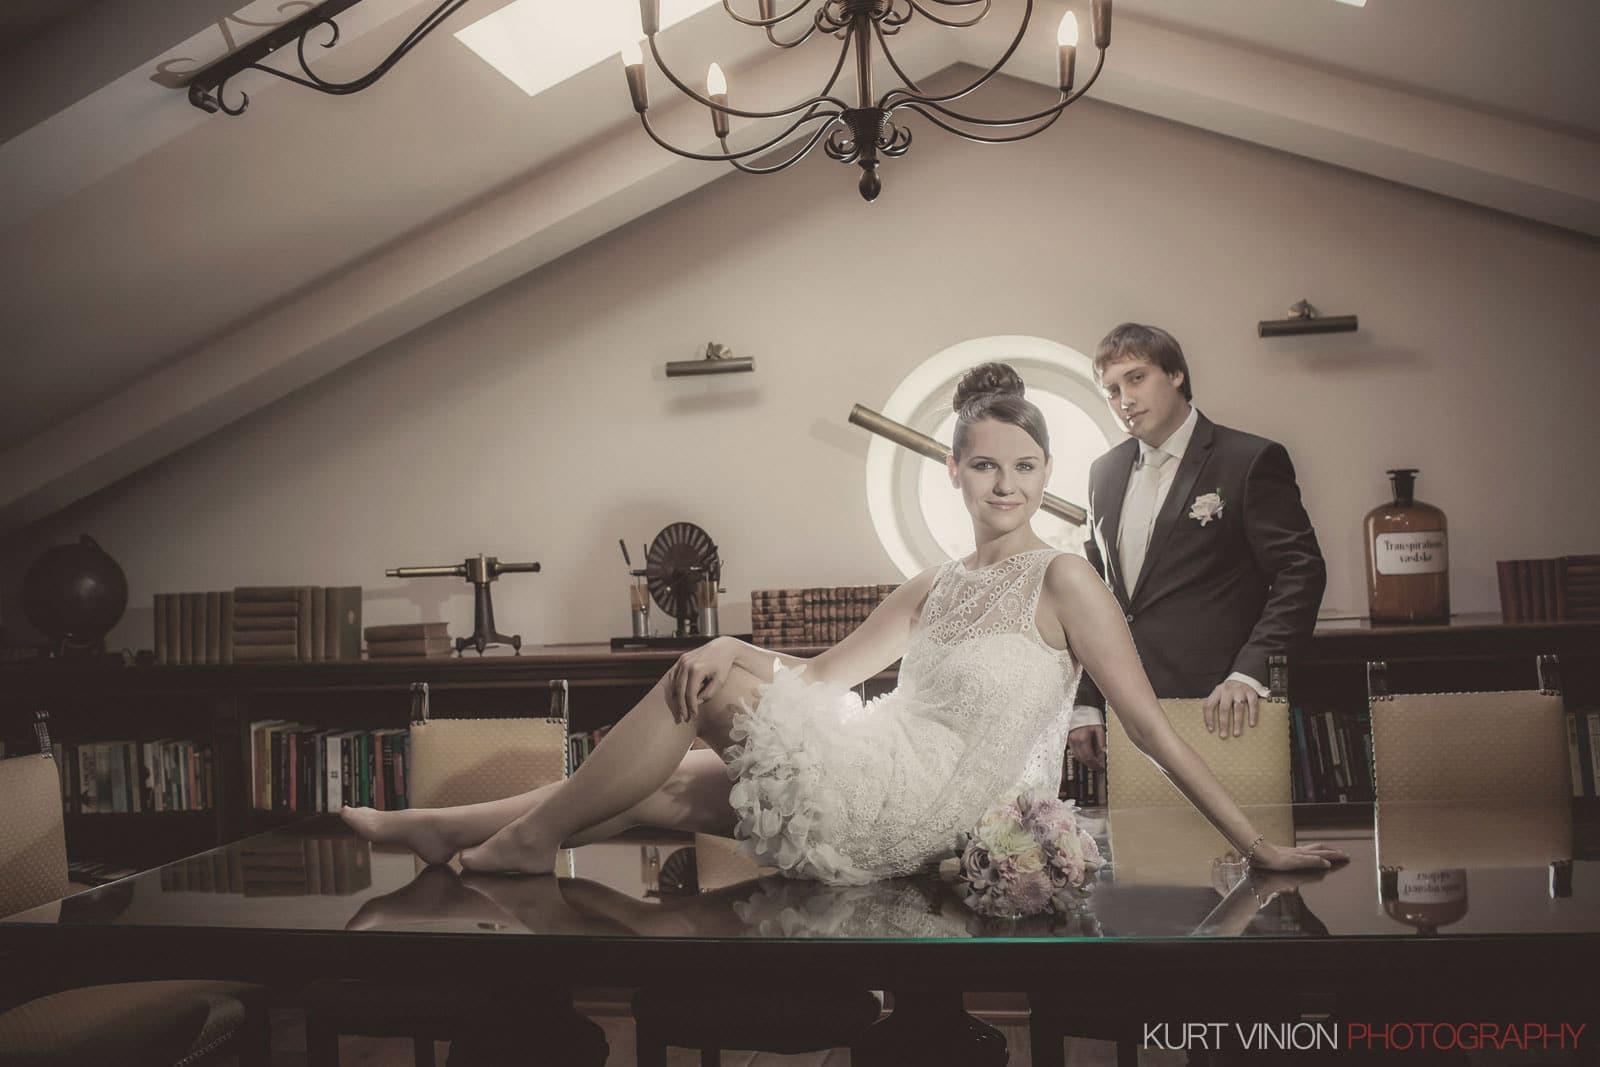 Chateau Mcely wedding / Ludmilla & Sergey / wedding portraits